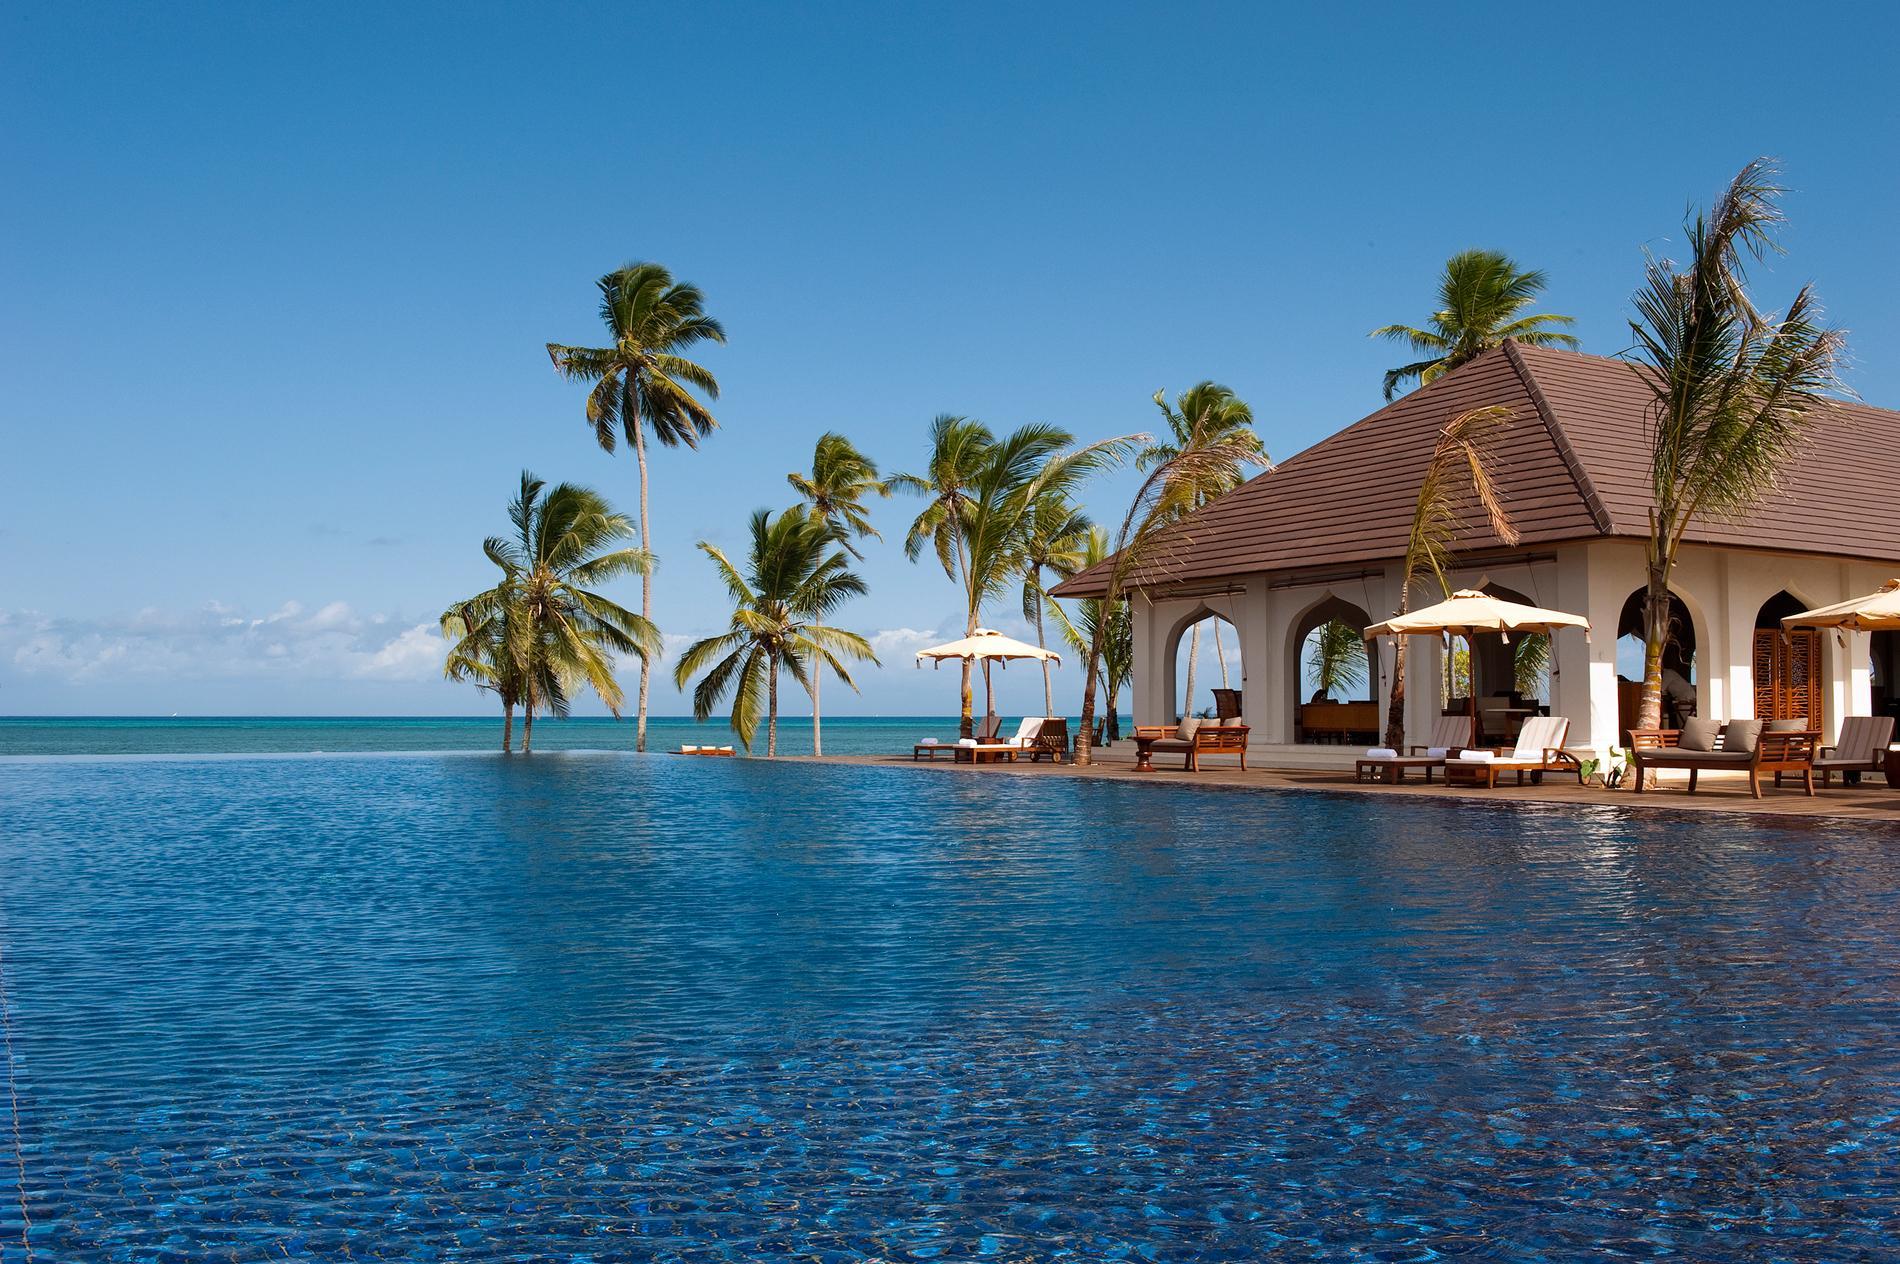 Exceptionnel 10 destinations pour des vacances sur une île de rêve - Madame XL58